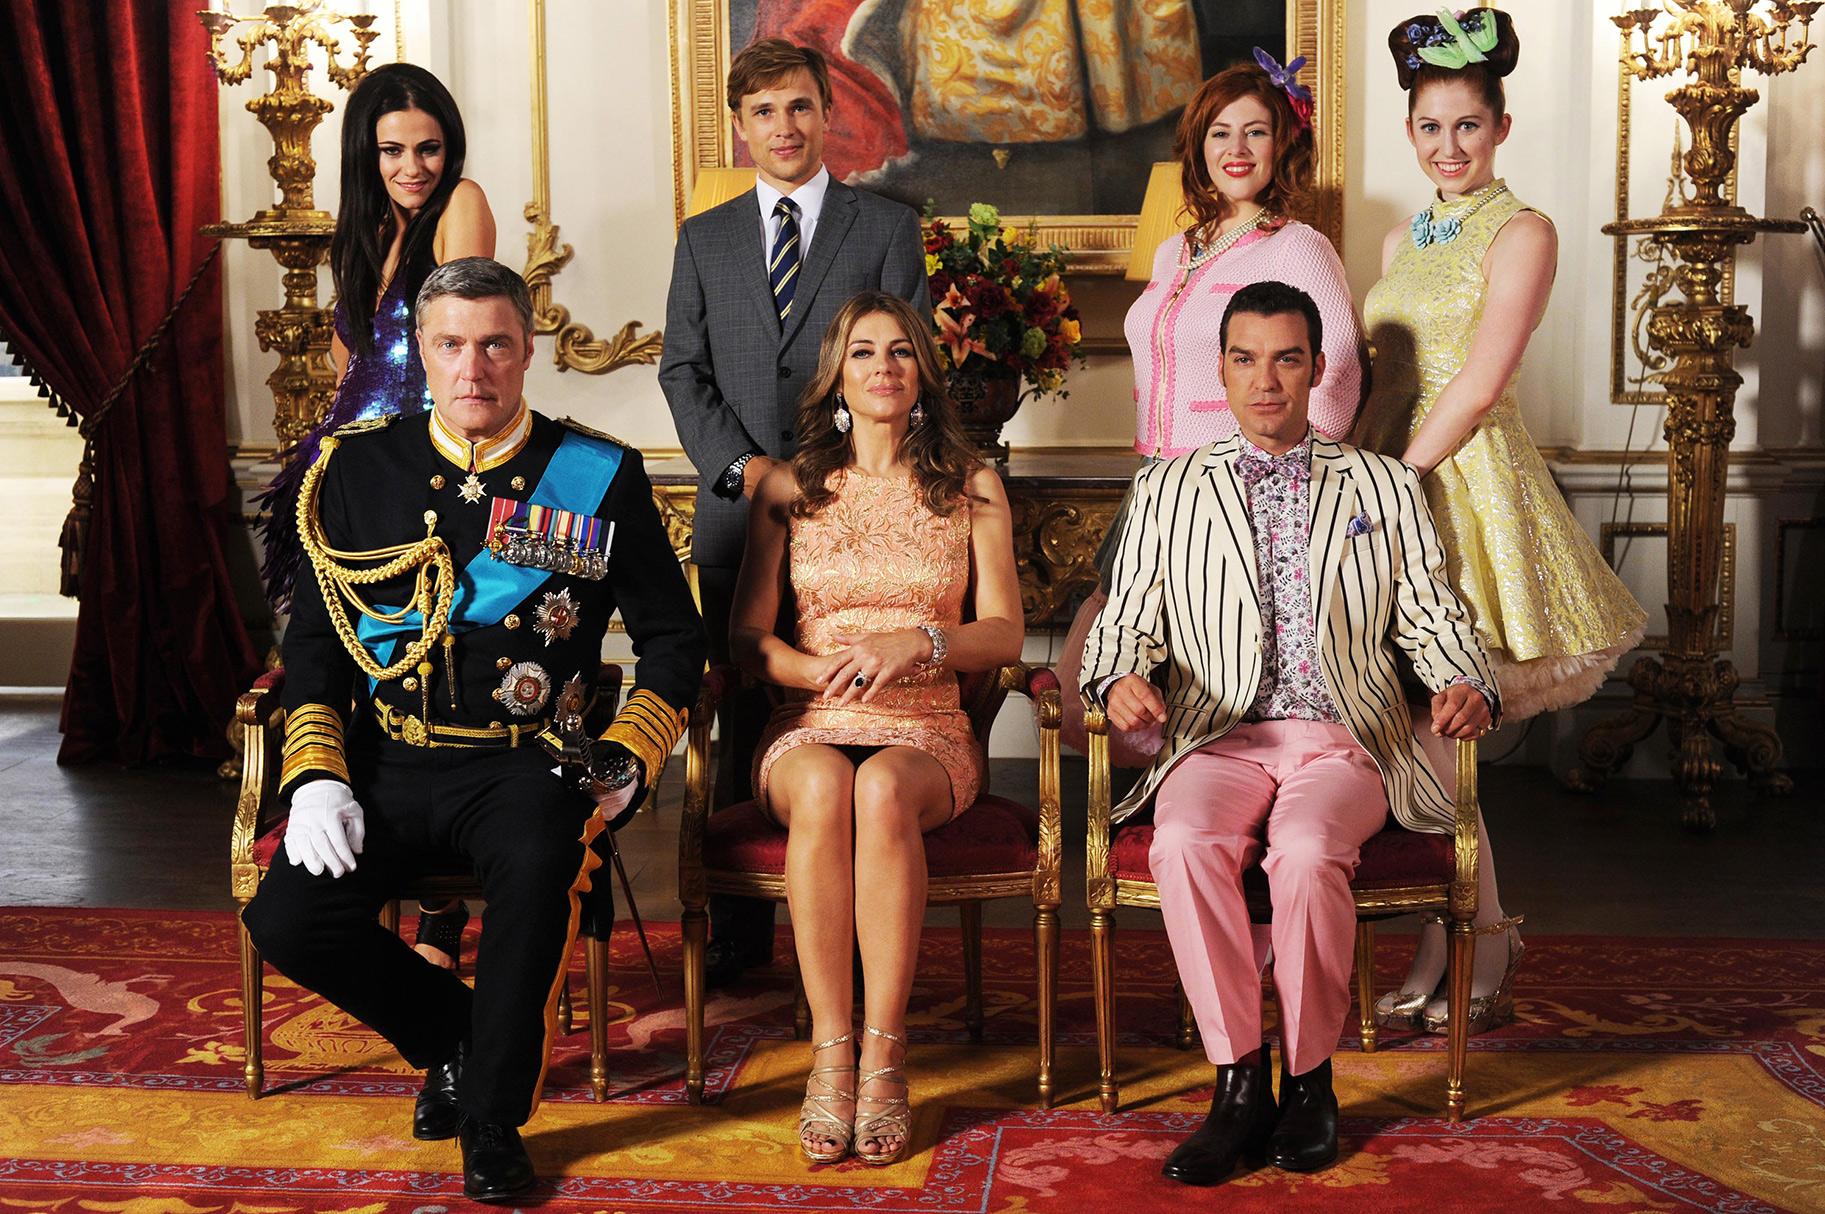 Секс в королевских семьях 4 фотография